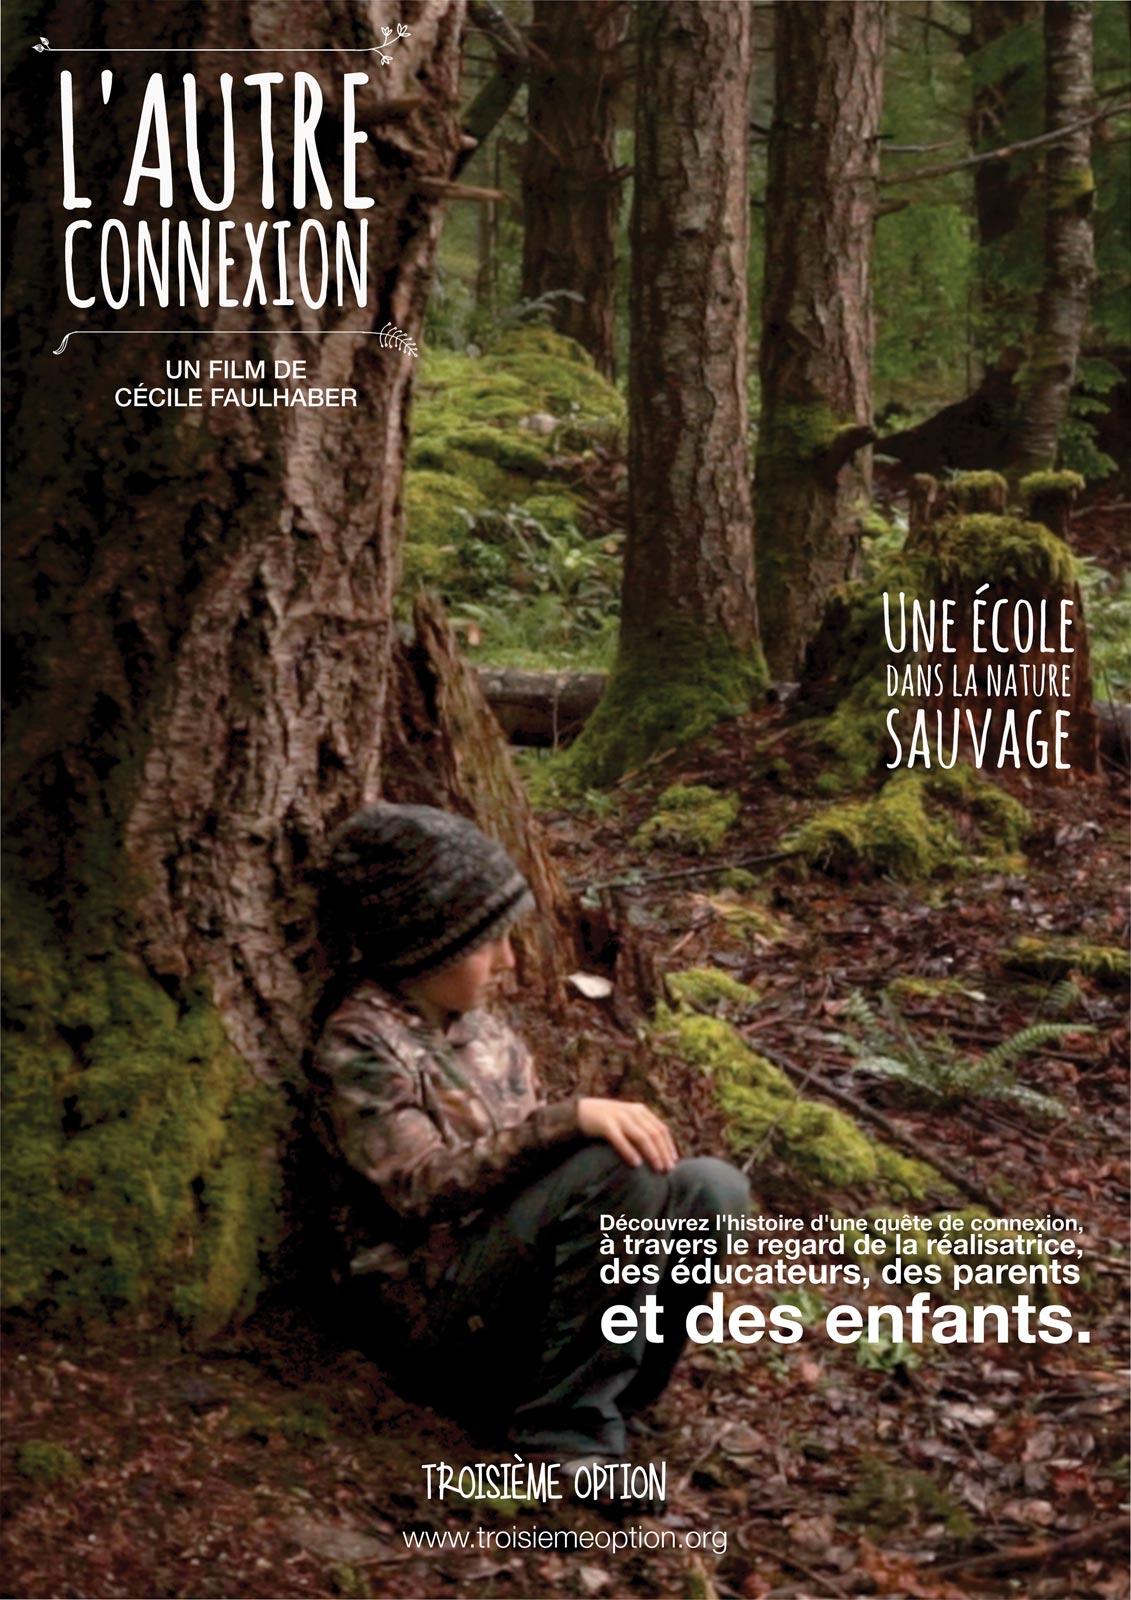 Image du film L' Autre Connexion, une école dans la nature sauvage